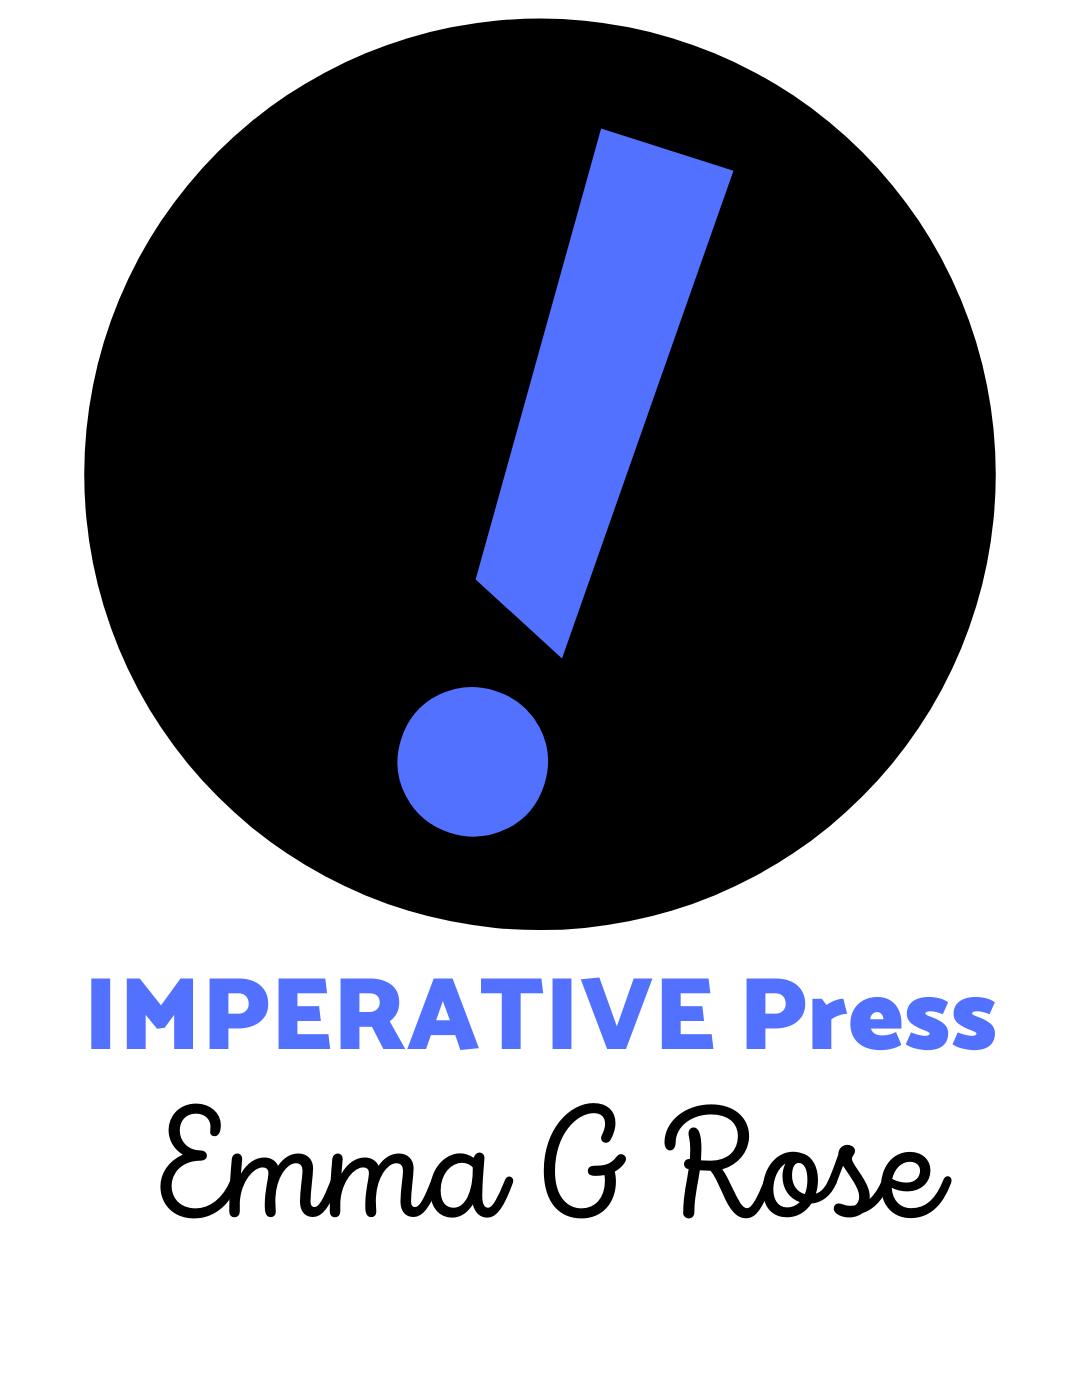 Emma G Rose